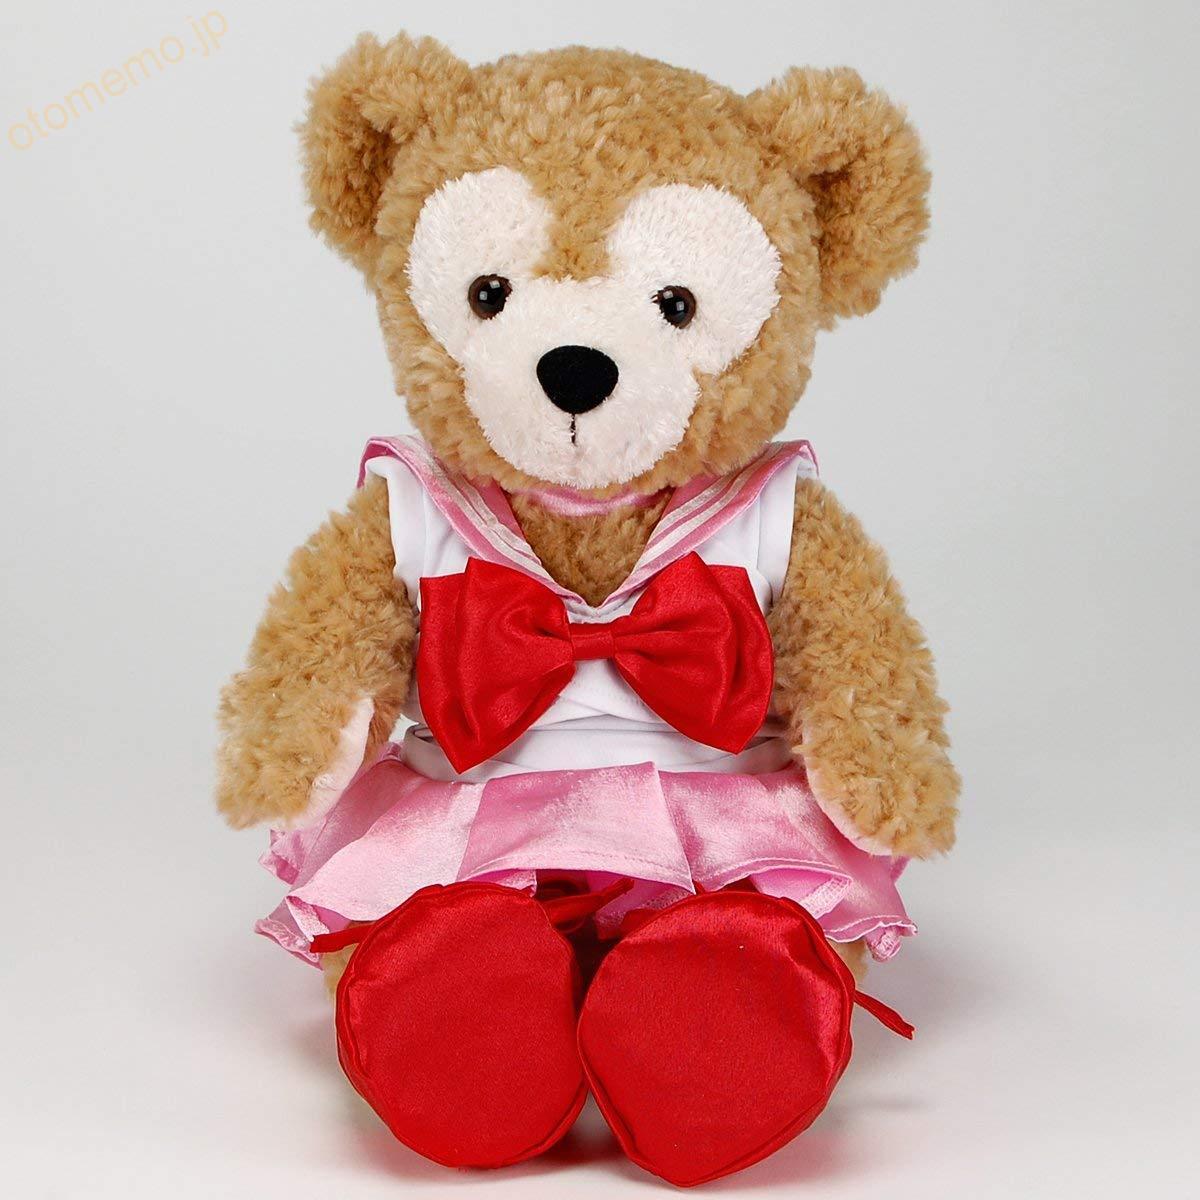 【ディズニーシーのキャラクター】シェリーメイのハロウィン仮装コスプレ衣装